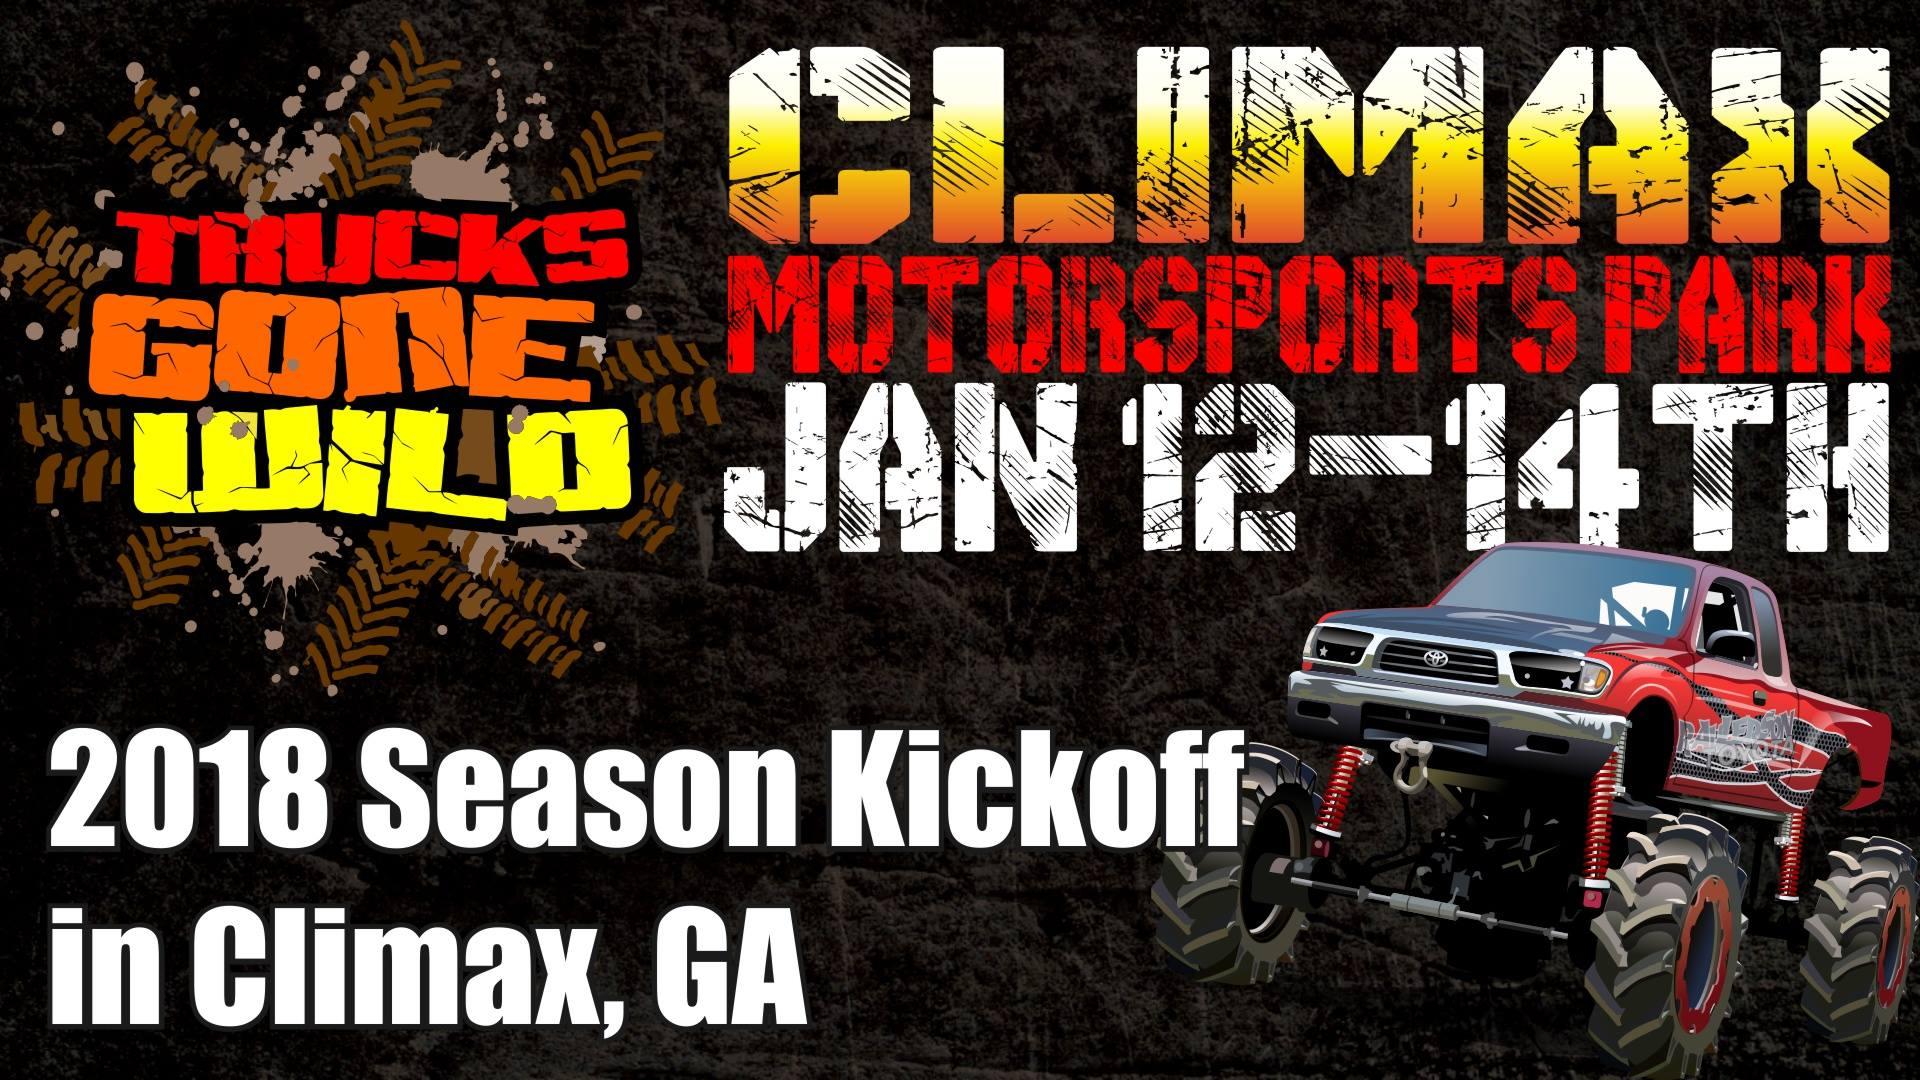 Trucks Gone Wild Returns to Climax Motorsports Park Jan. 12-14, 2018